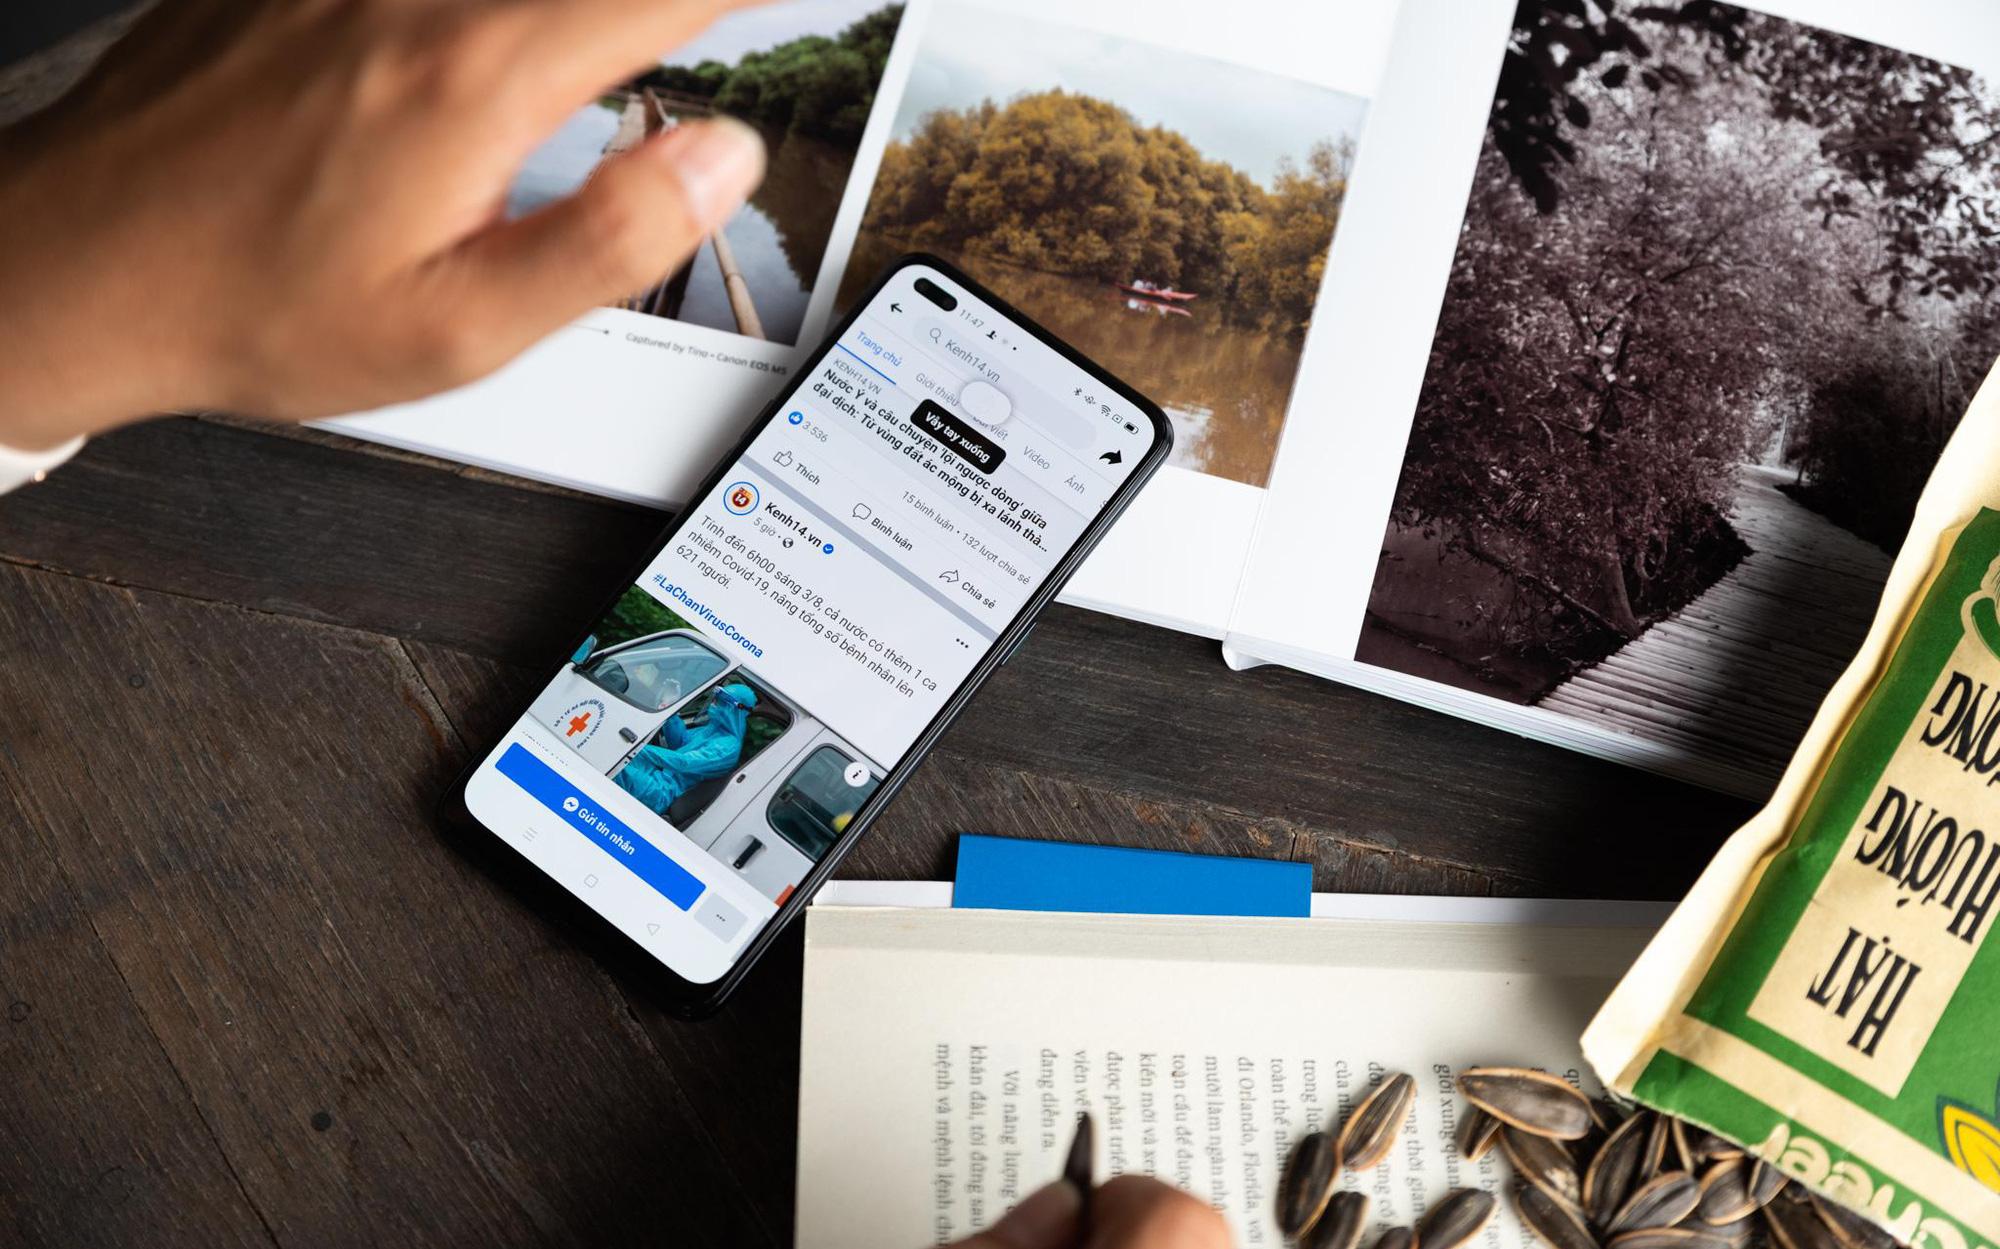 Đây đích thị là chiếc smartphone dành cho Foodaholic